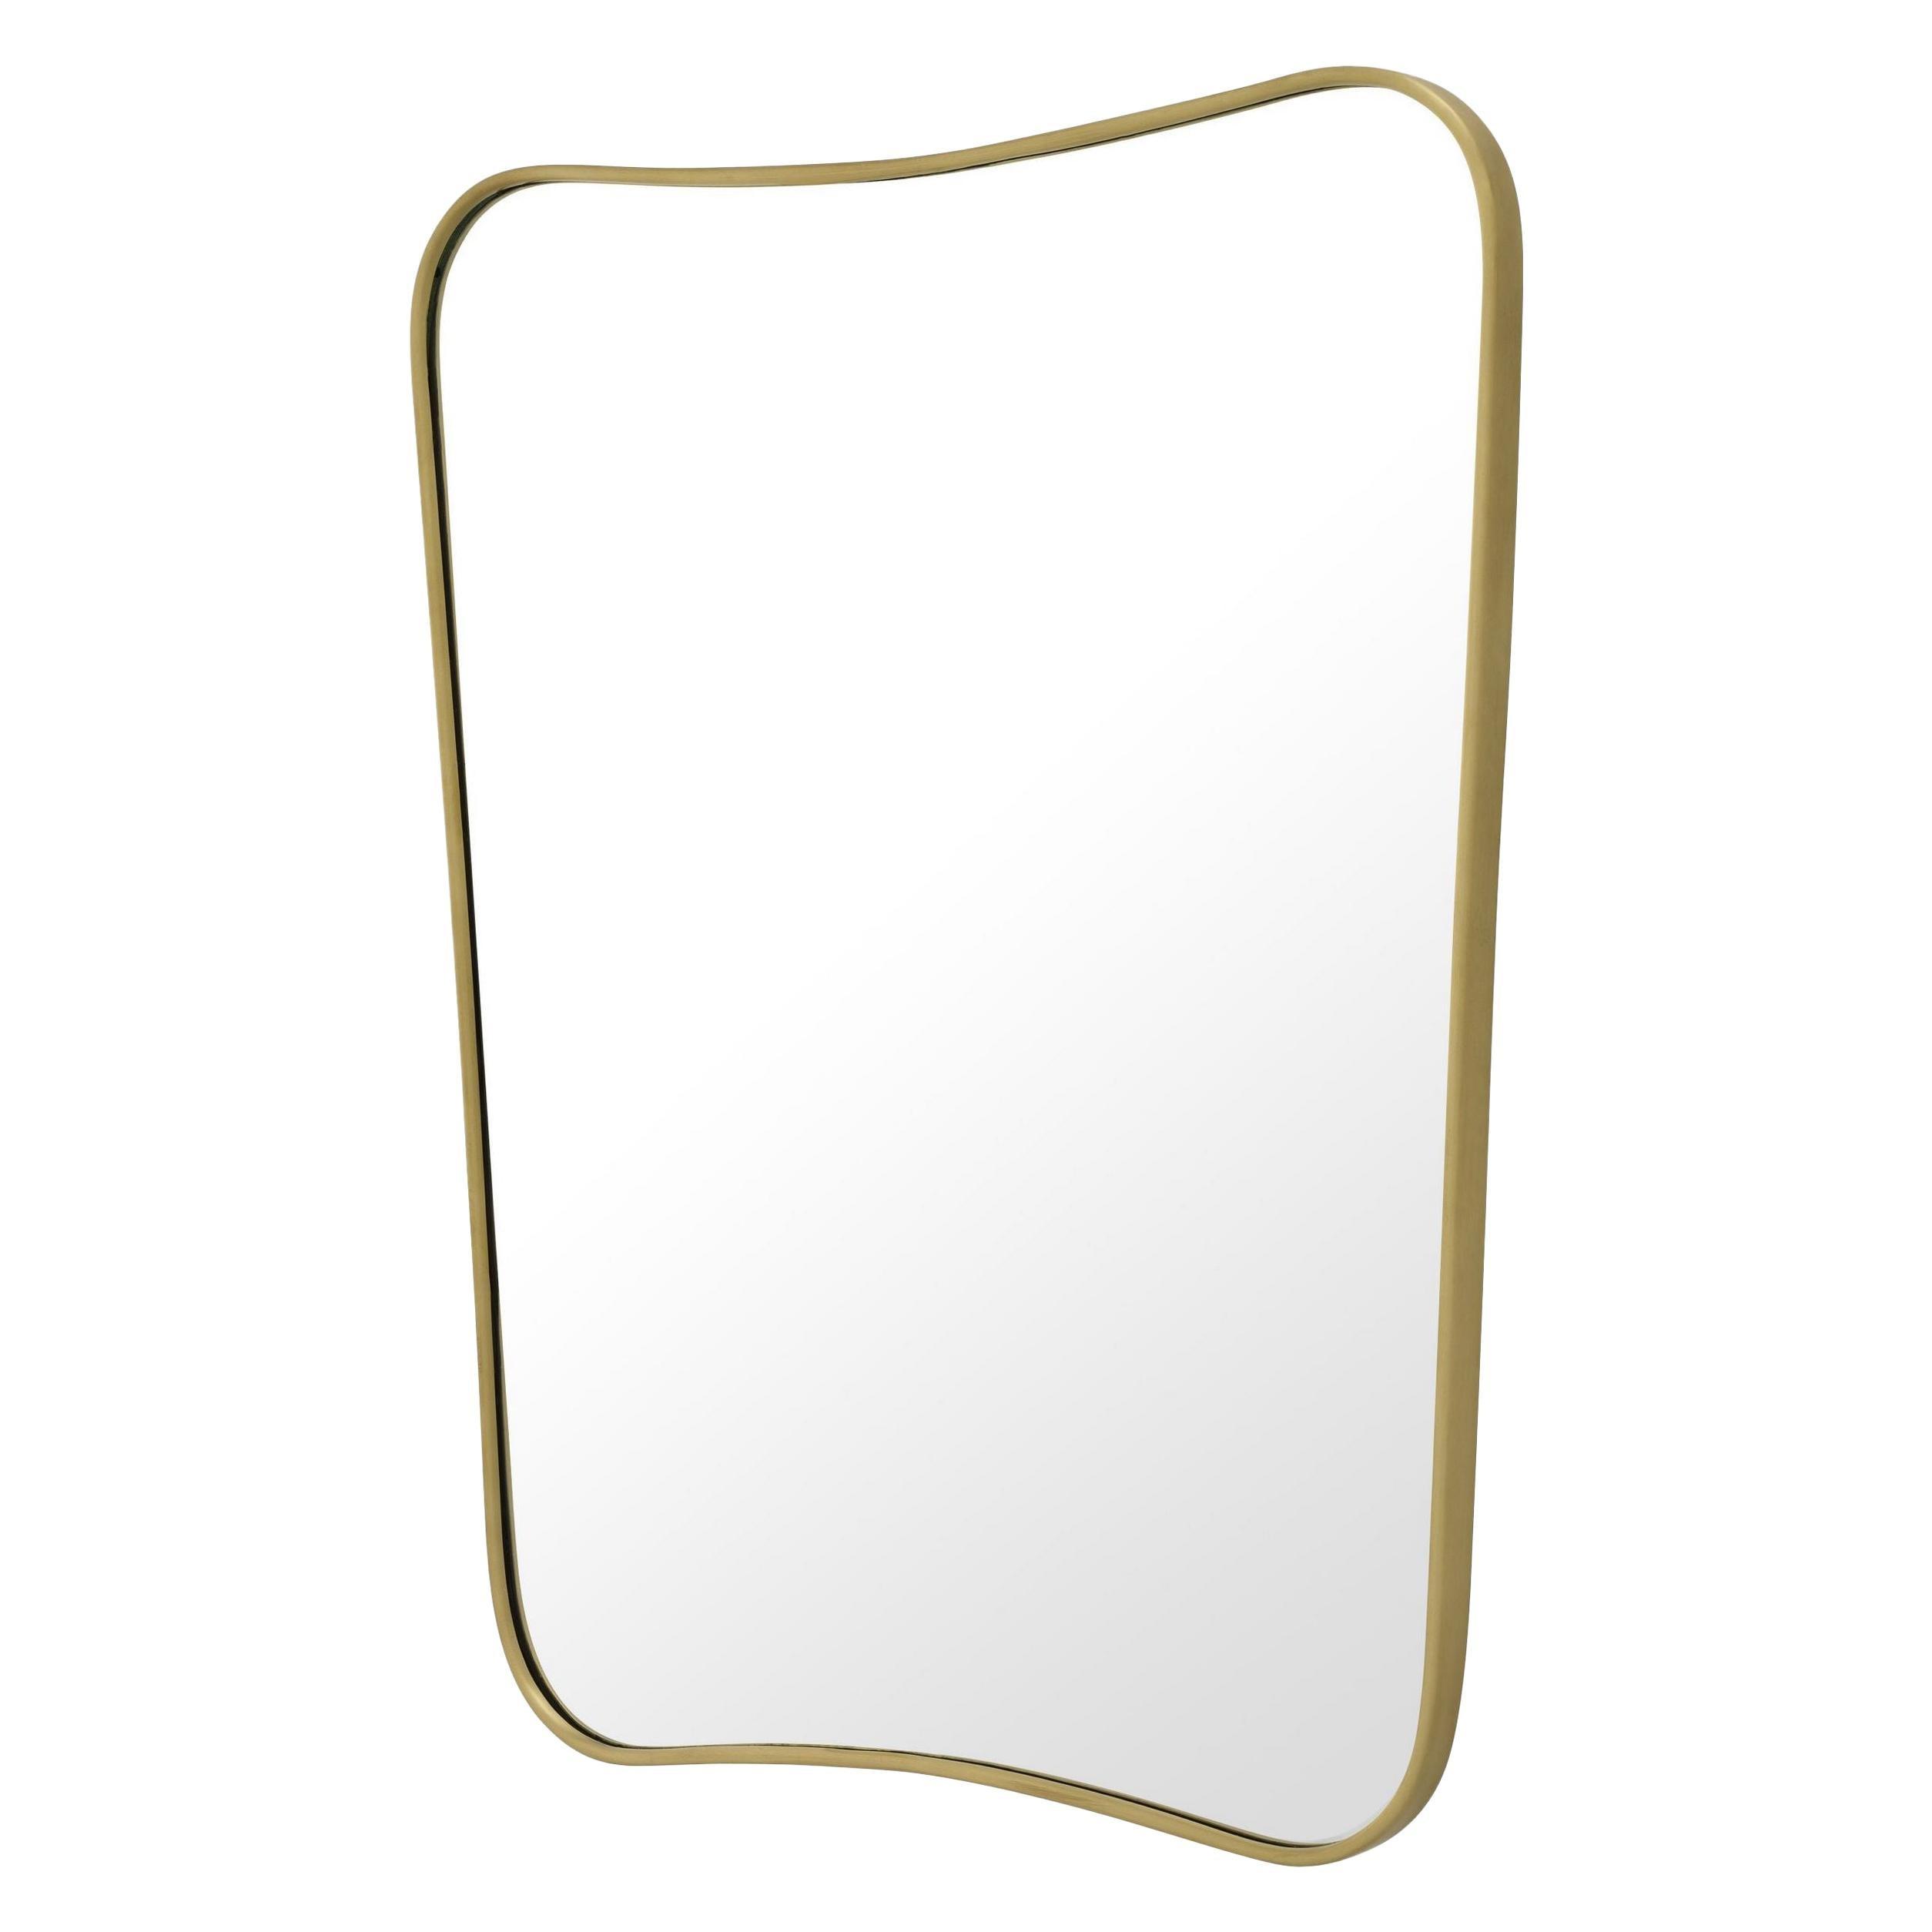 Italian 1950s Design Style Brass Mirror